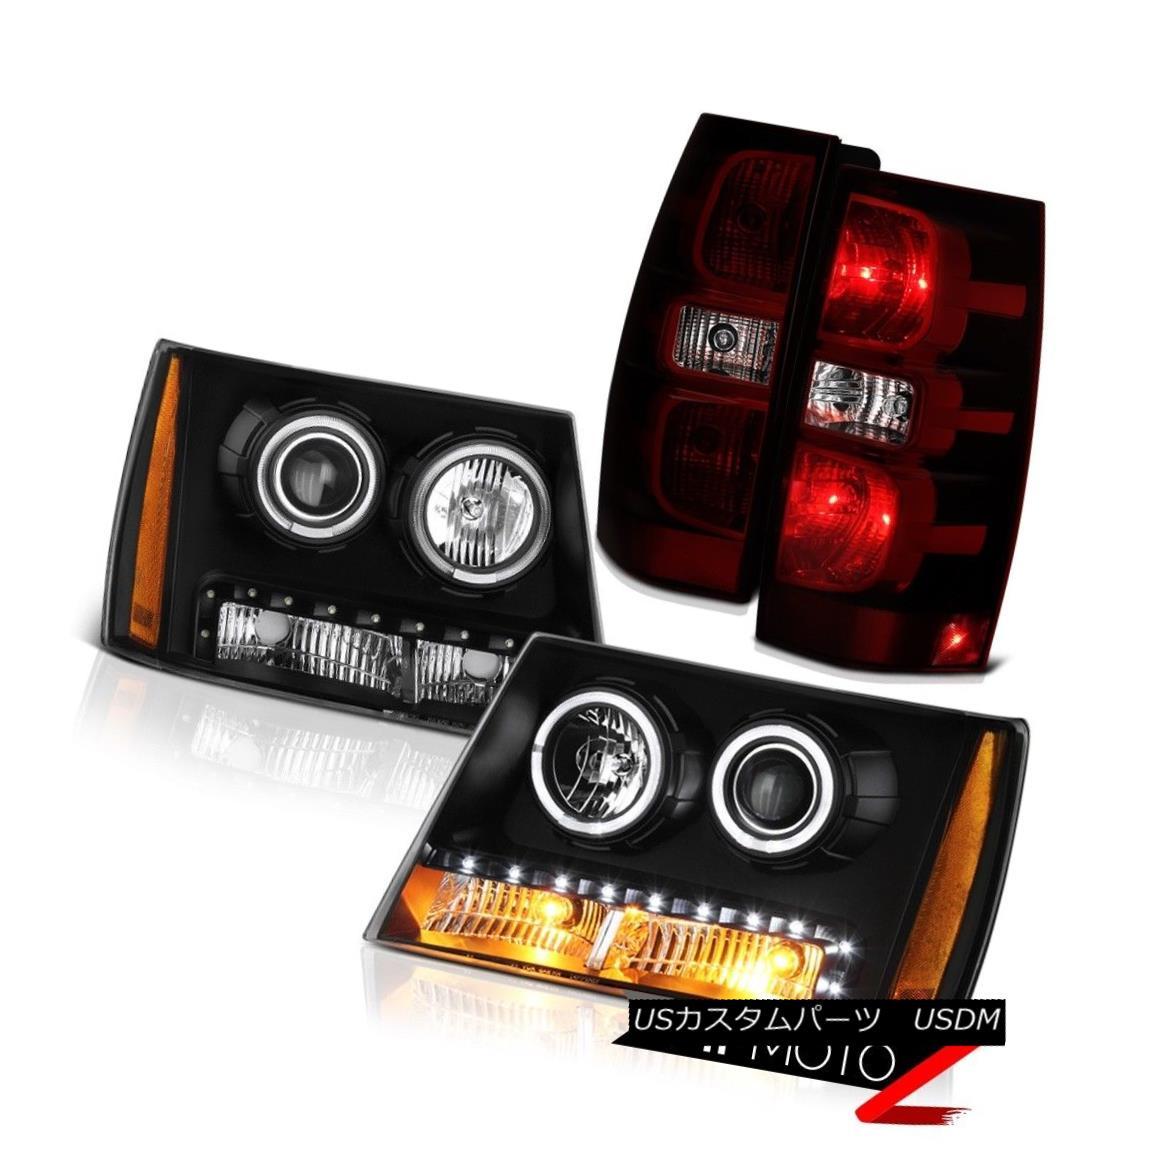 テールライト 2007-2014 Chevy Suburban LT2 Raven Black Headlamps Taillights Halo Ring Oe Style 2007-2014シボレー郊外LT2レーブンブラックヘッドランプティールズハローリングオースタイル